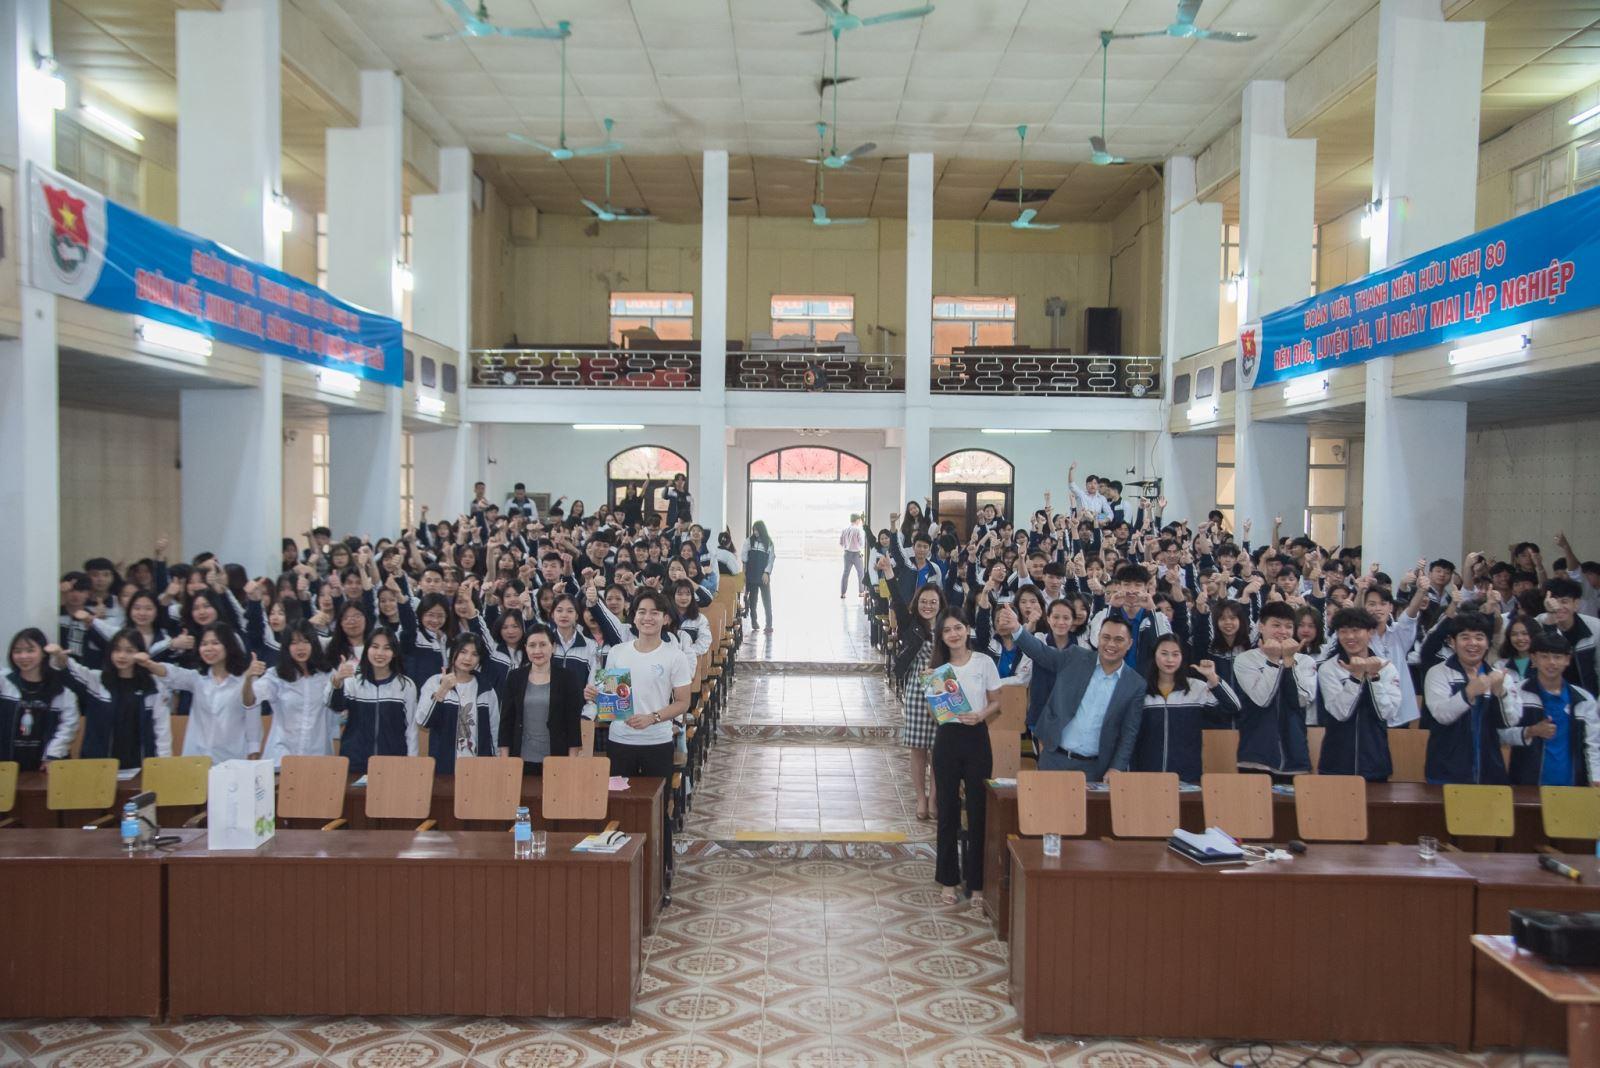 Nối dài hành trình vì cộng đồng: Tư vấn hướng nghiệp tại trường Hữu Nghị T80, Thị xã Sơn Tây